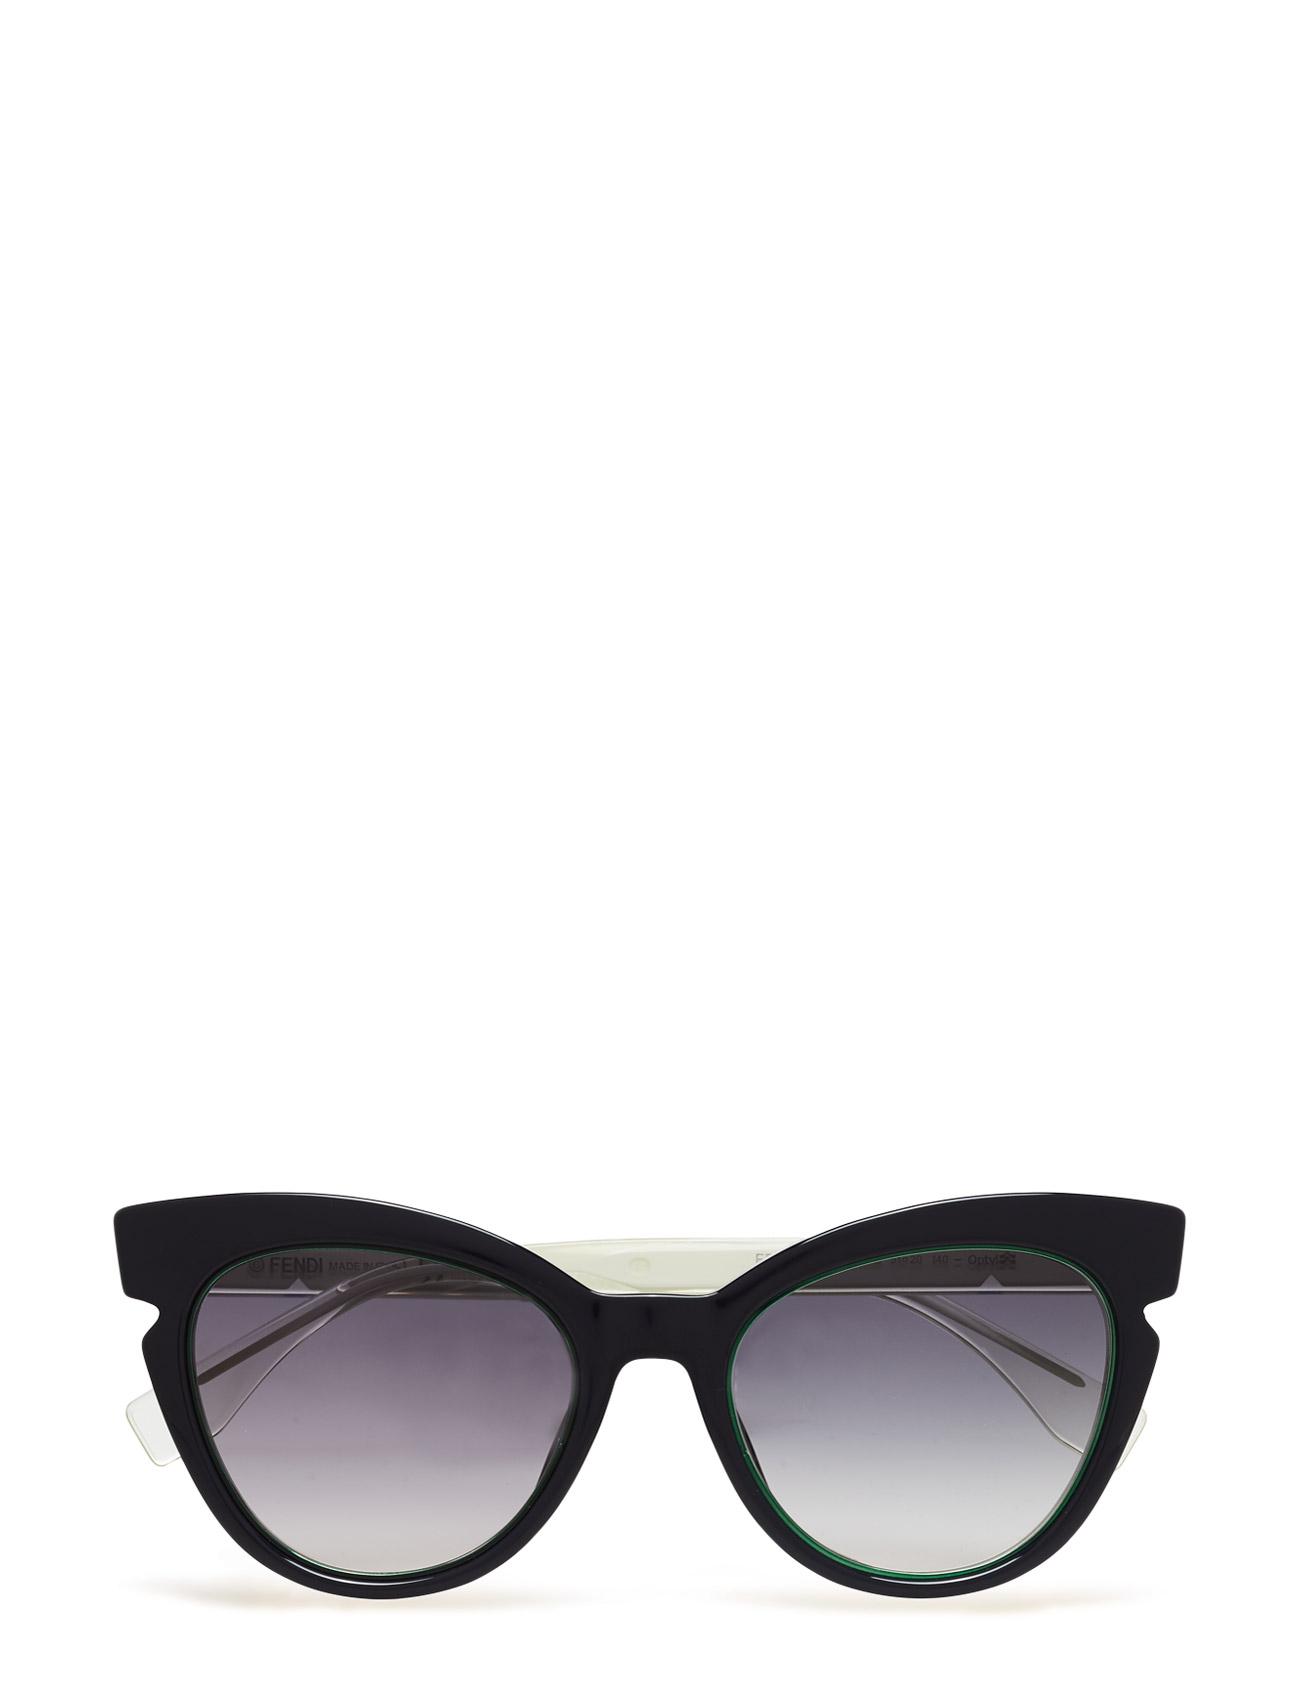 230371 fra fendi sunglasses på boozt.com dk